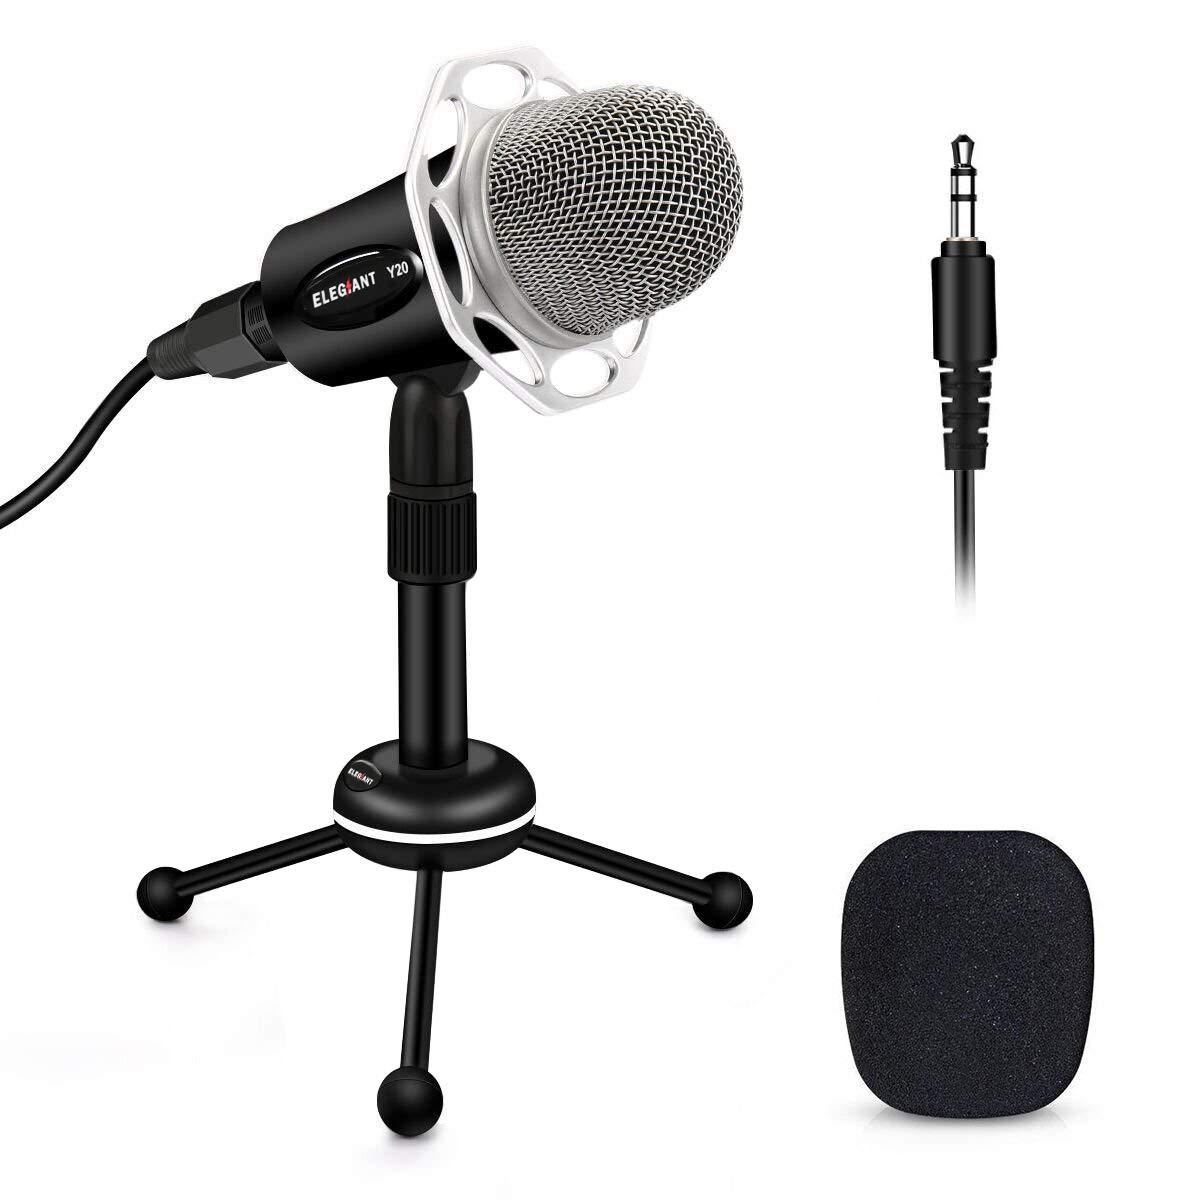 Micrófono para PC, ELEGIANT Y20 Micrófono de condensador portátil Plug & Play de 3.5 mm con soporte para trípode Micrófo